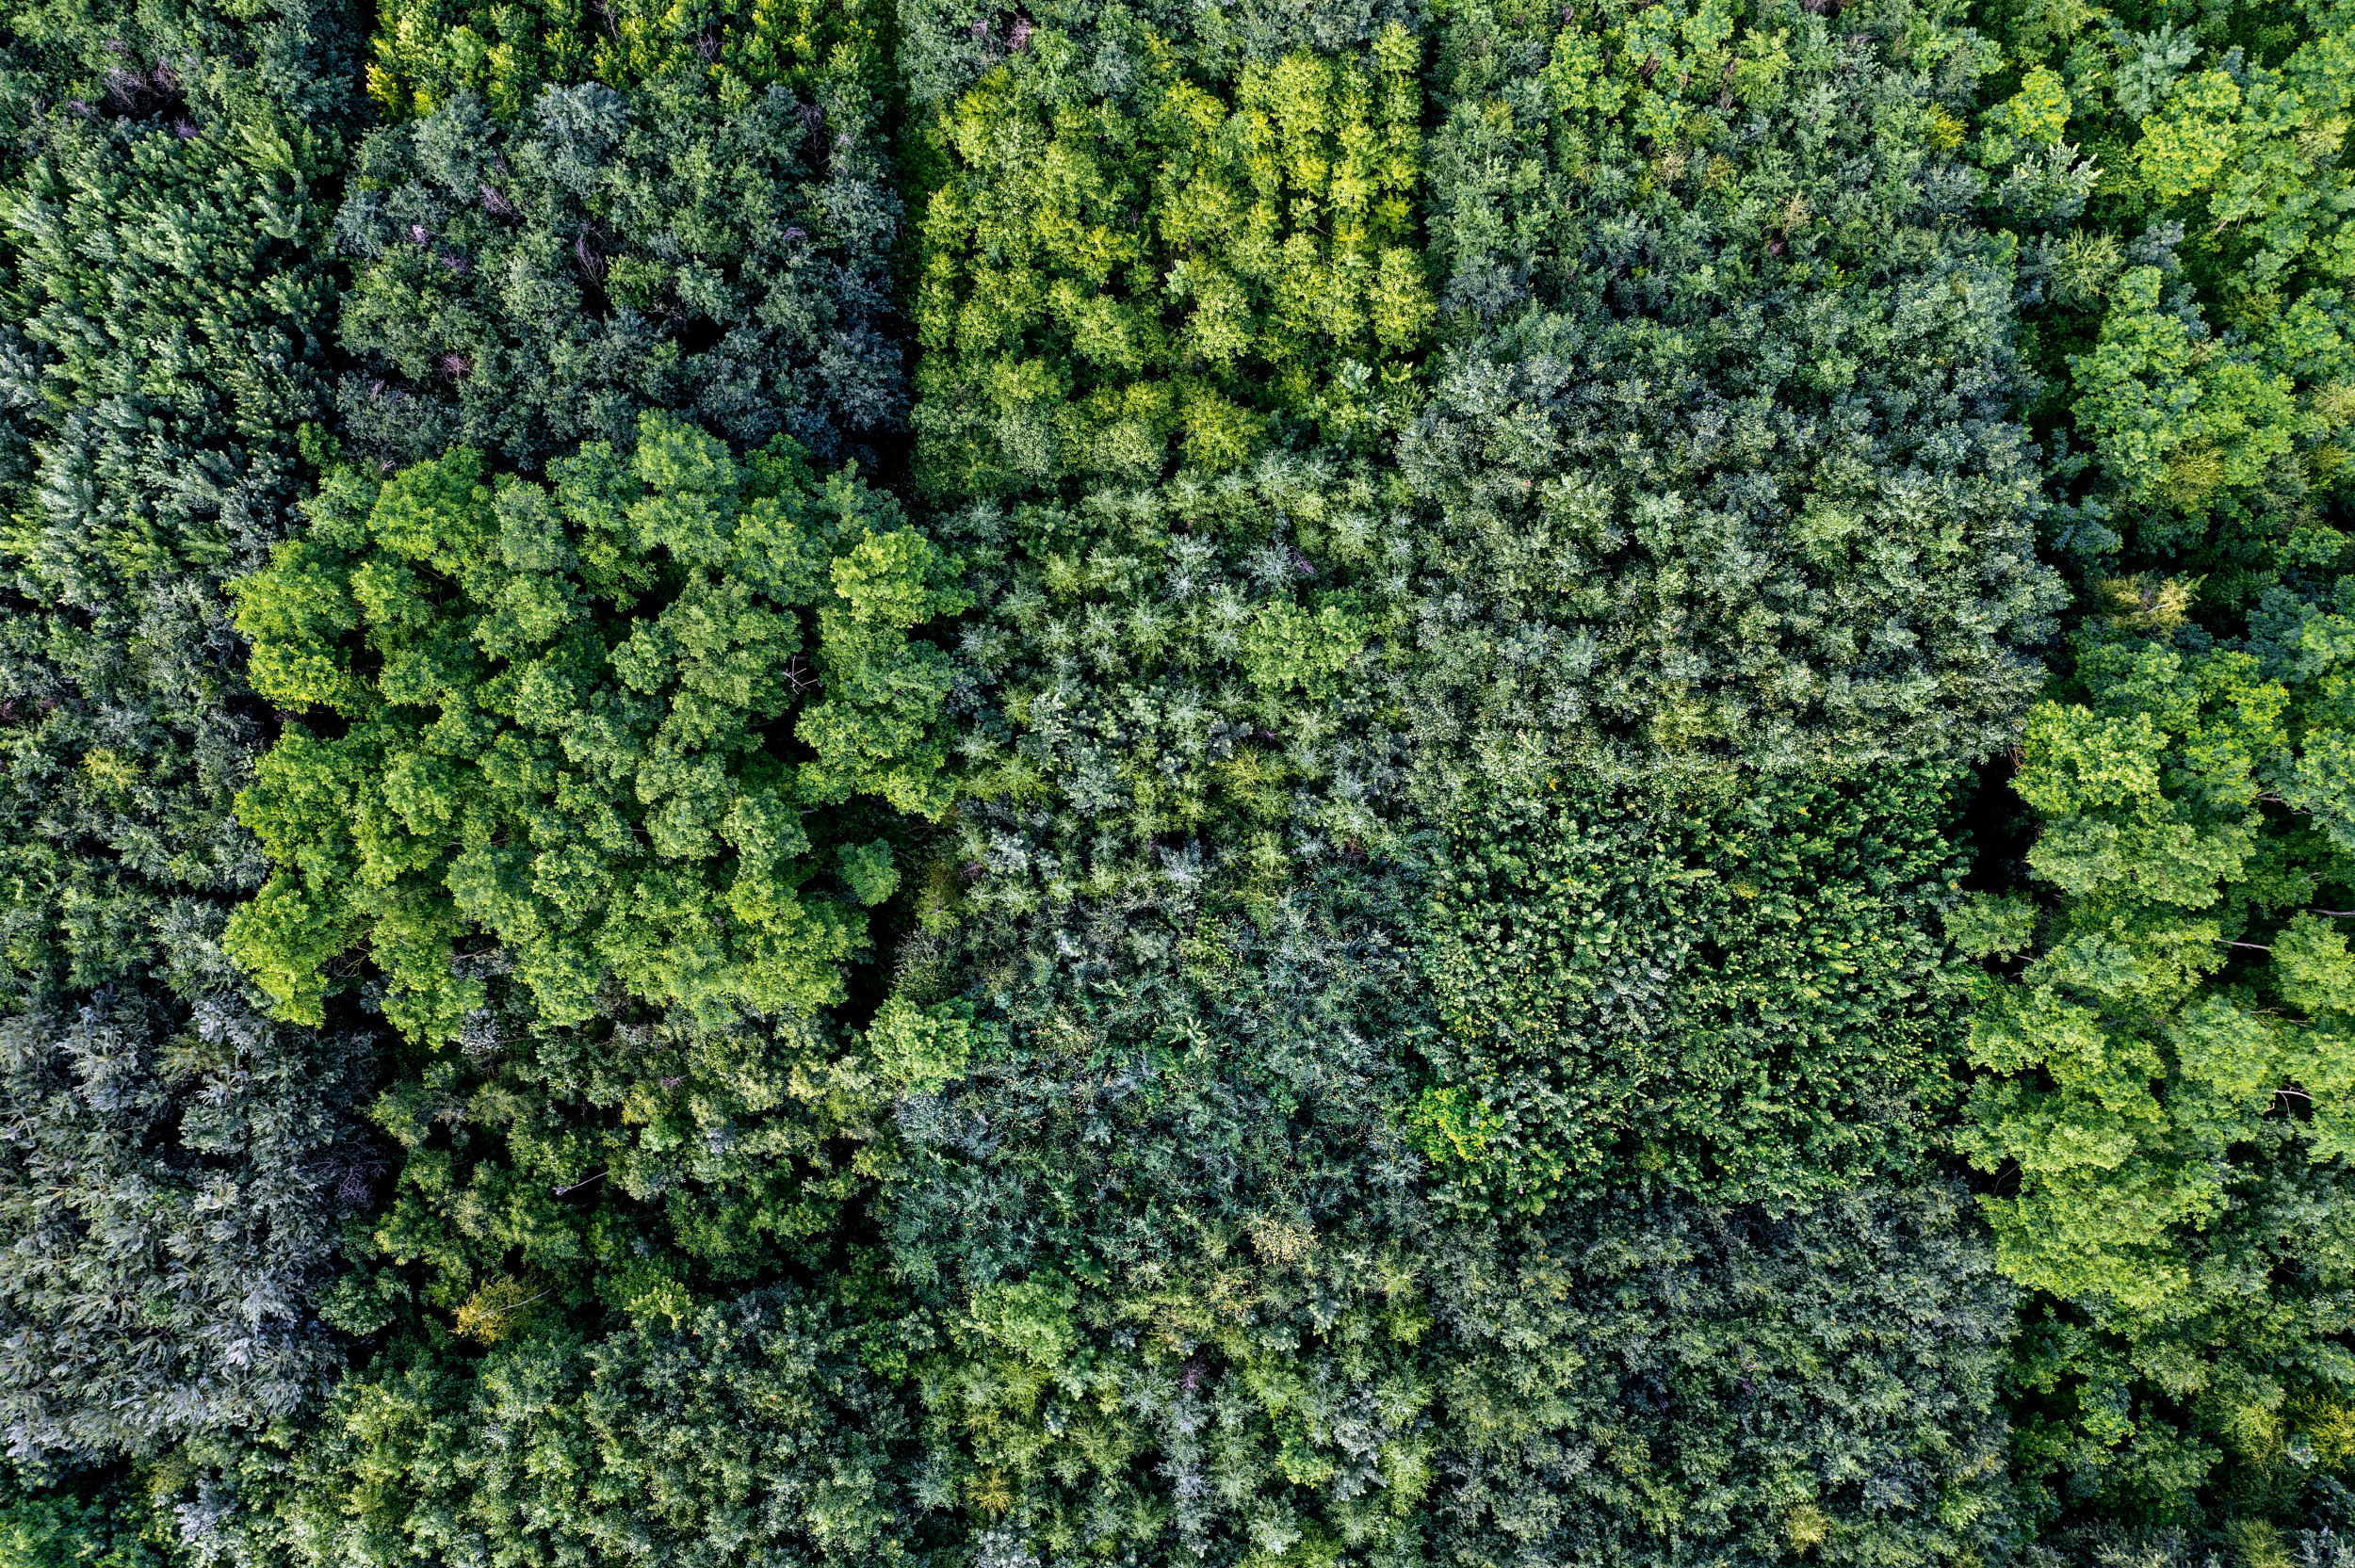 """BAUM-CASTING 14 Baumarten – darunter Esskastanie, Douglasie und fünf verschiedene Eichenarten – sollen hier auf 20 mal 25 Meter großen """"Plots"""" ihre Klimafitness unter Beweis stellen. Der Superbaum ist noch nicht gefunden"""